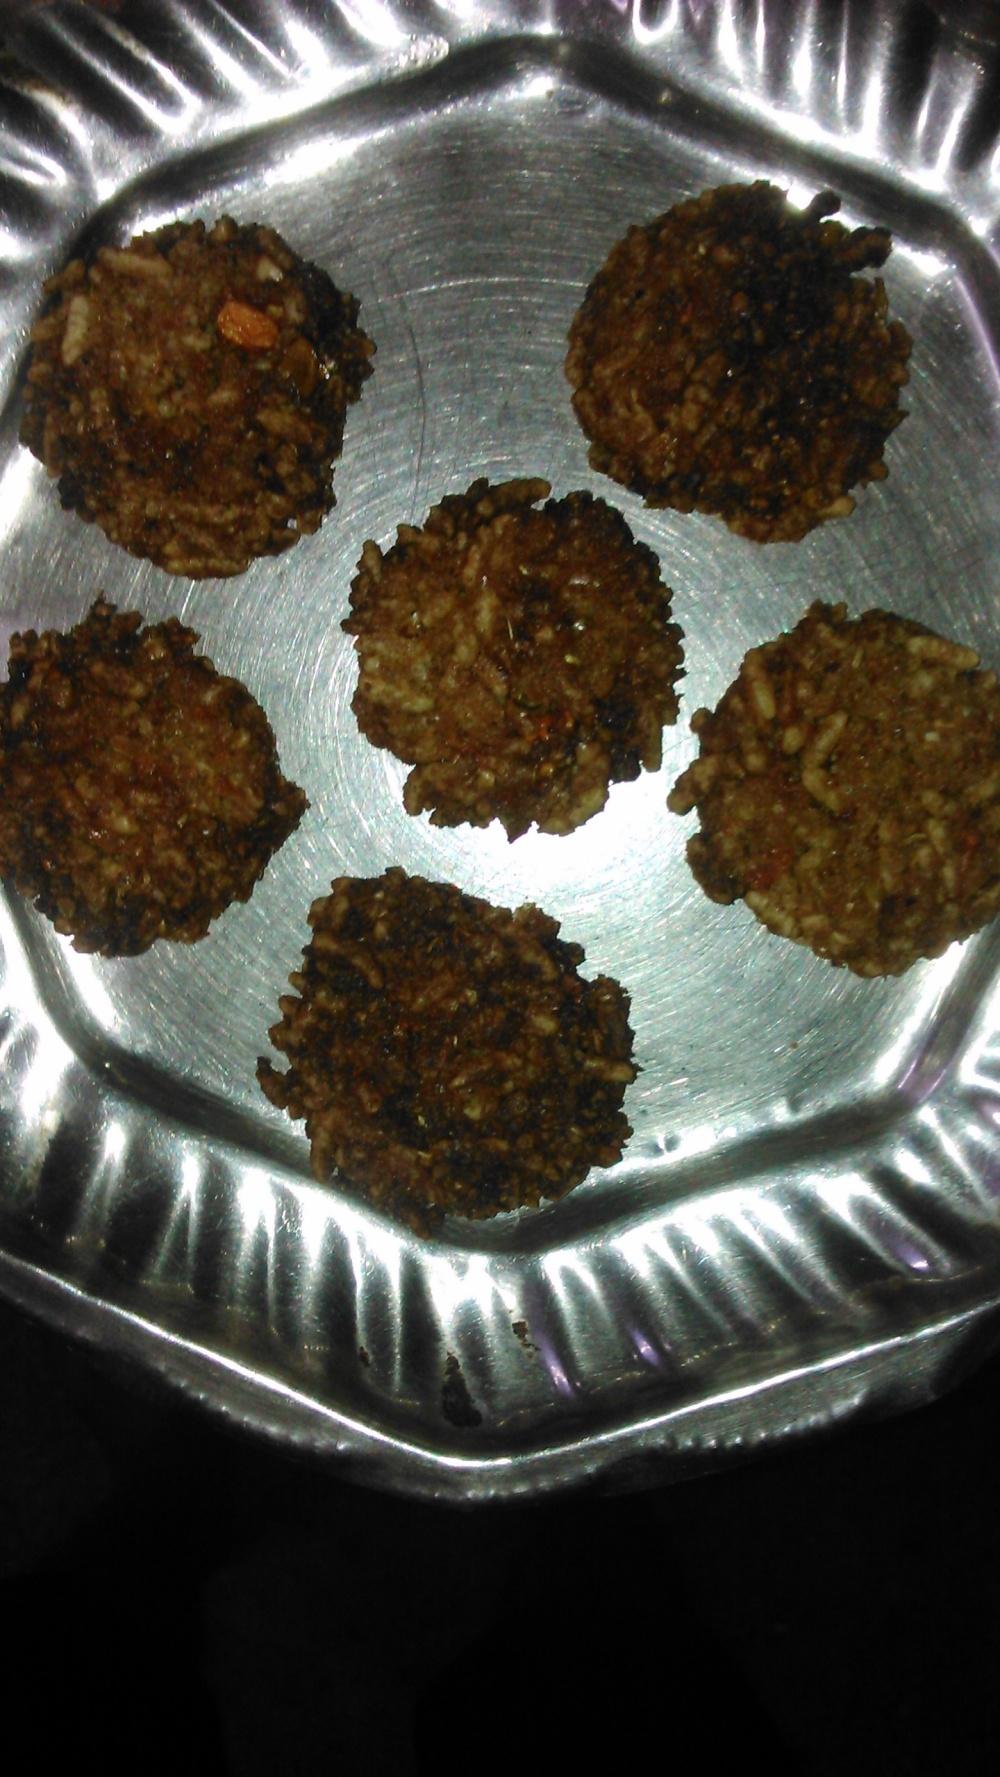 murmura rice cutlet/chhayaonline.com